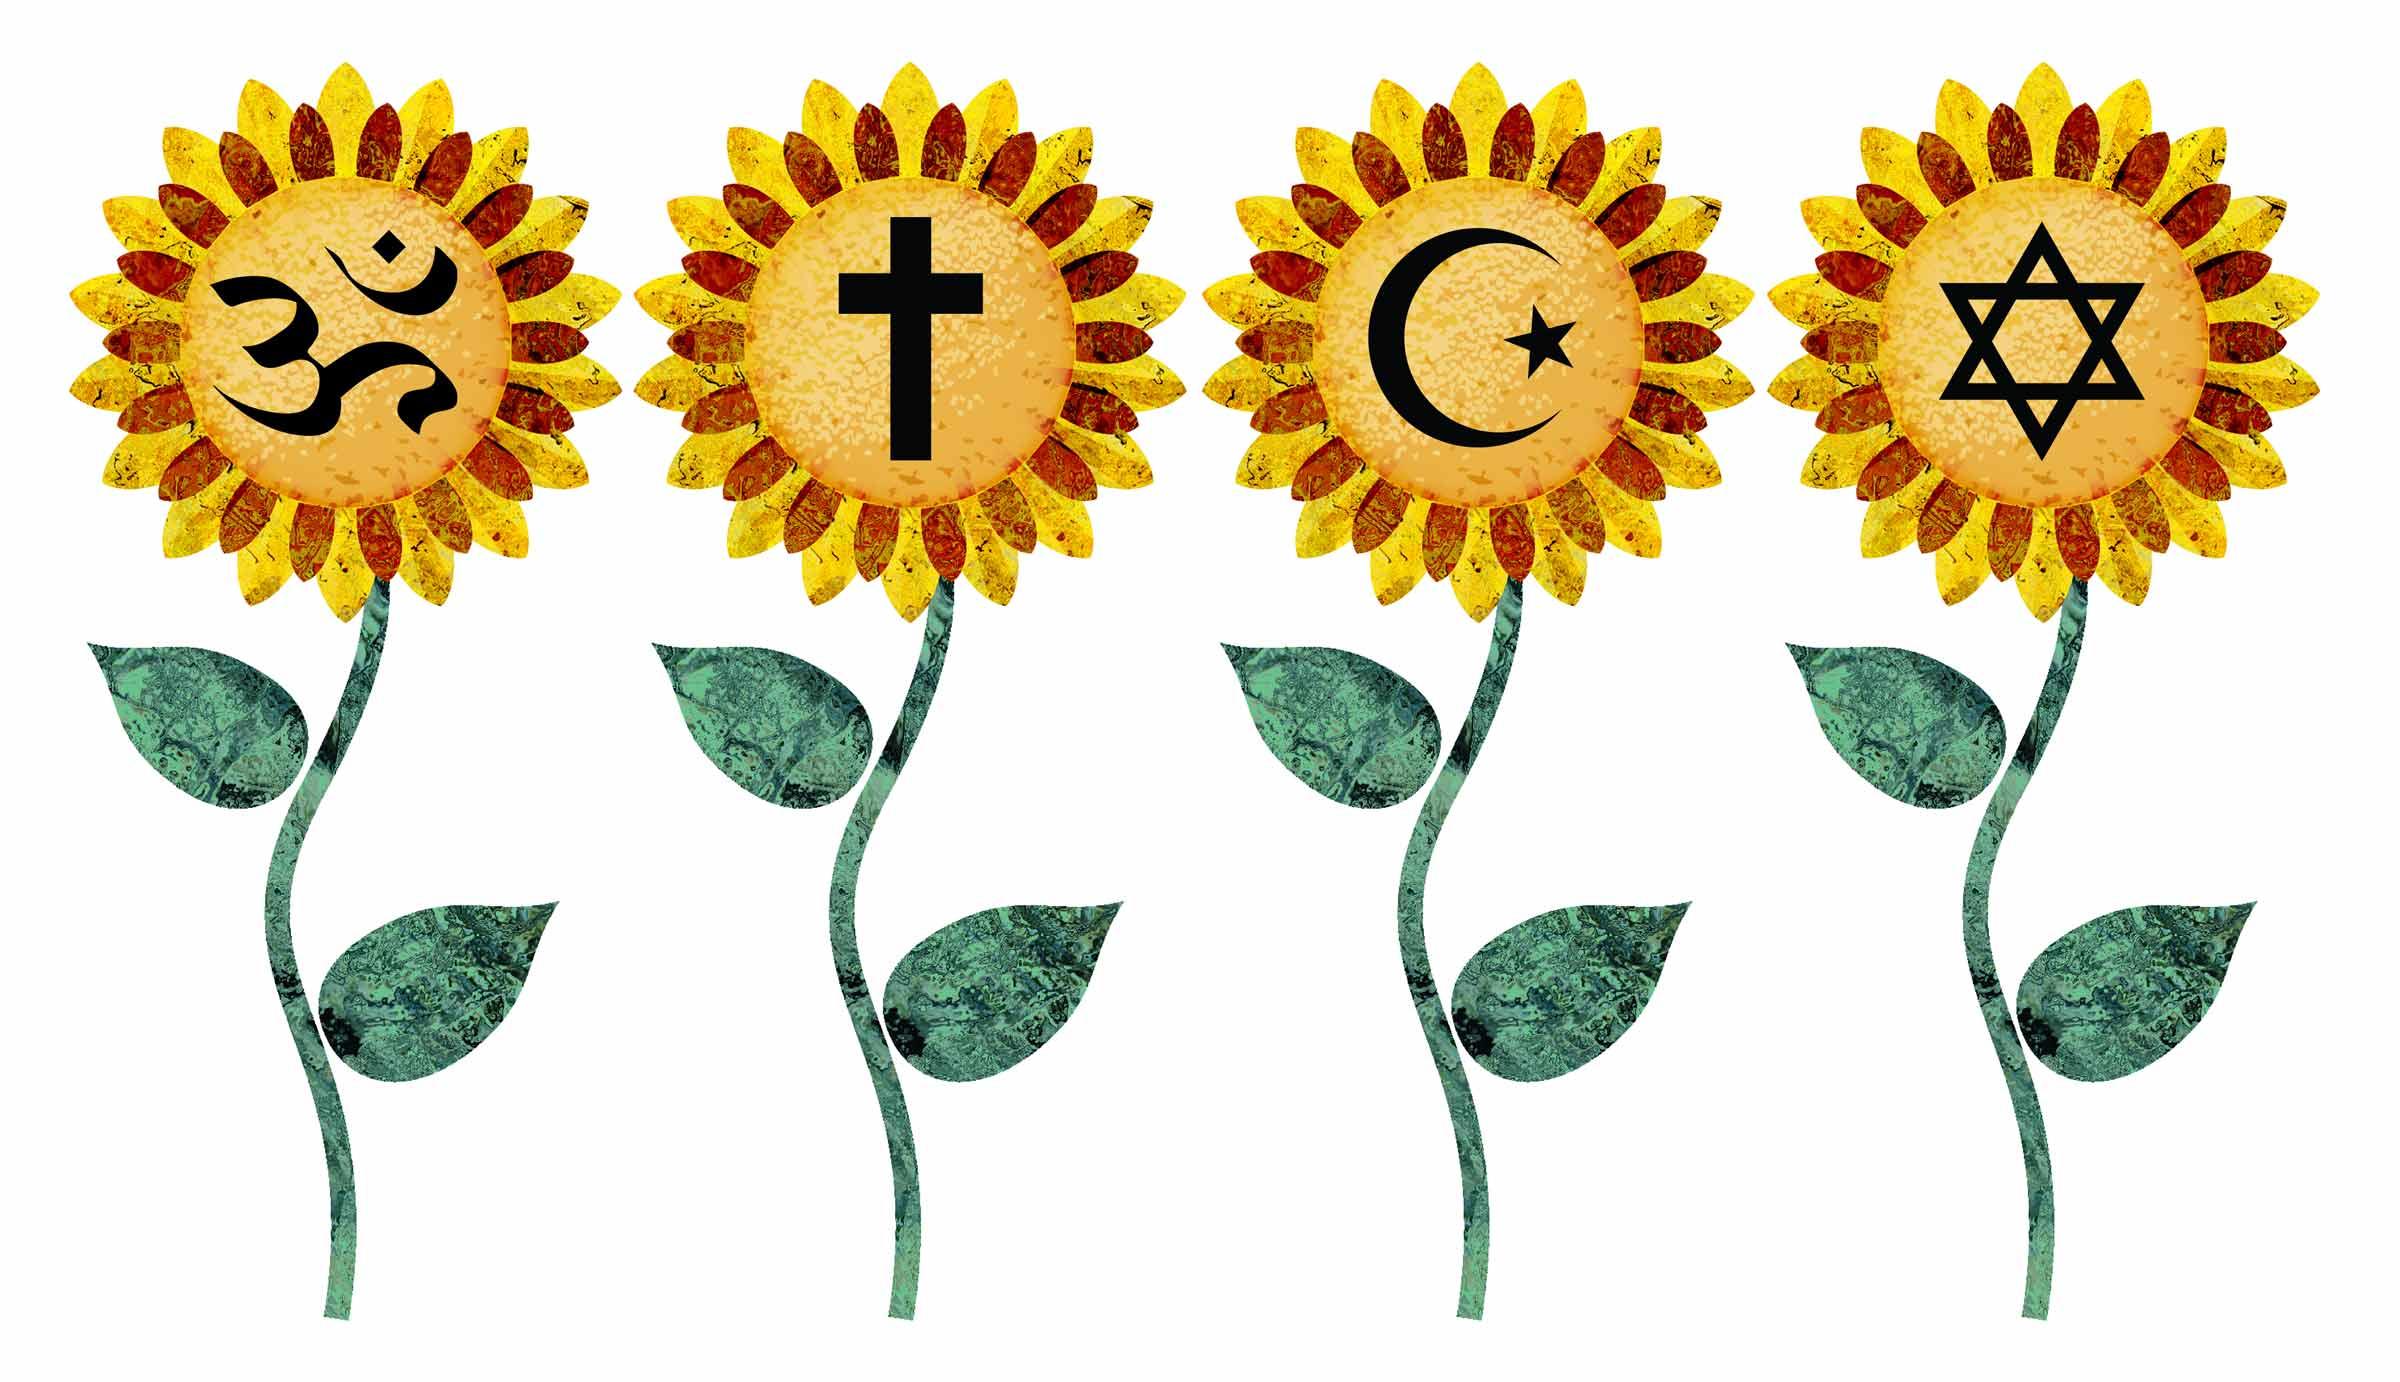 آموزش: آزادی عقیده، مذهب و وجدان